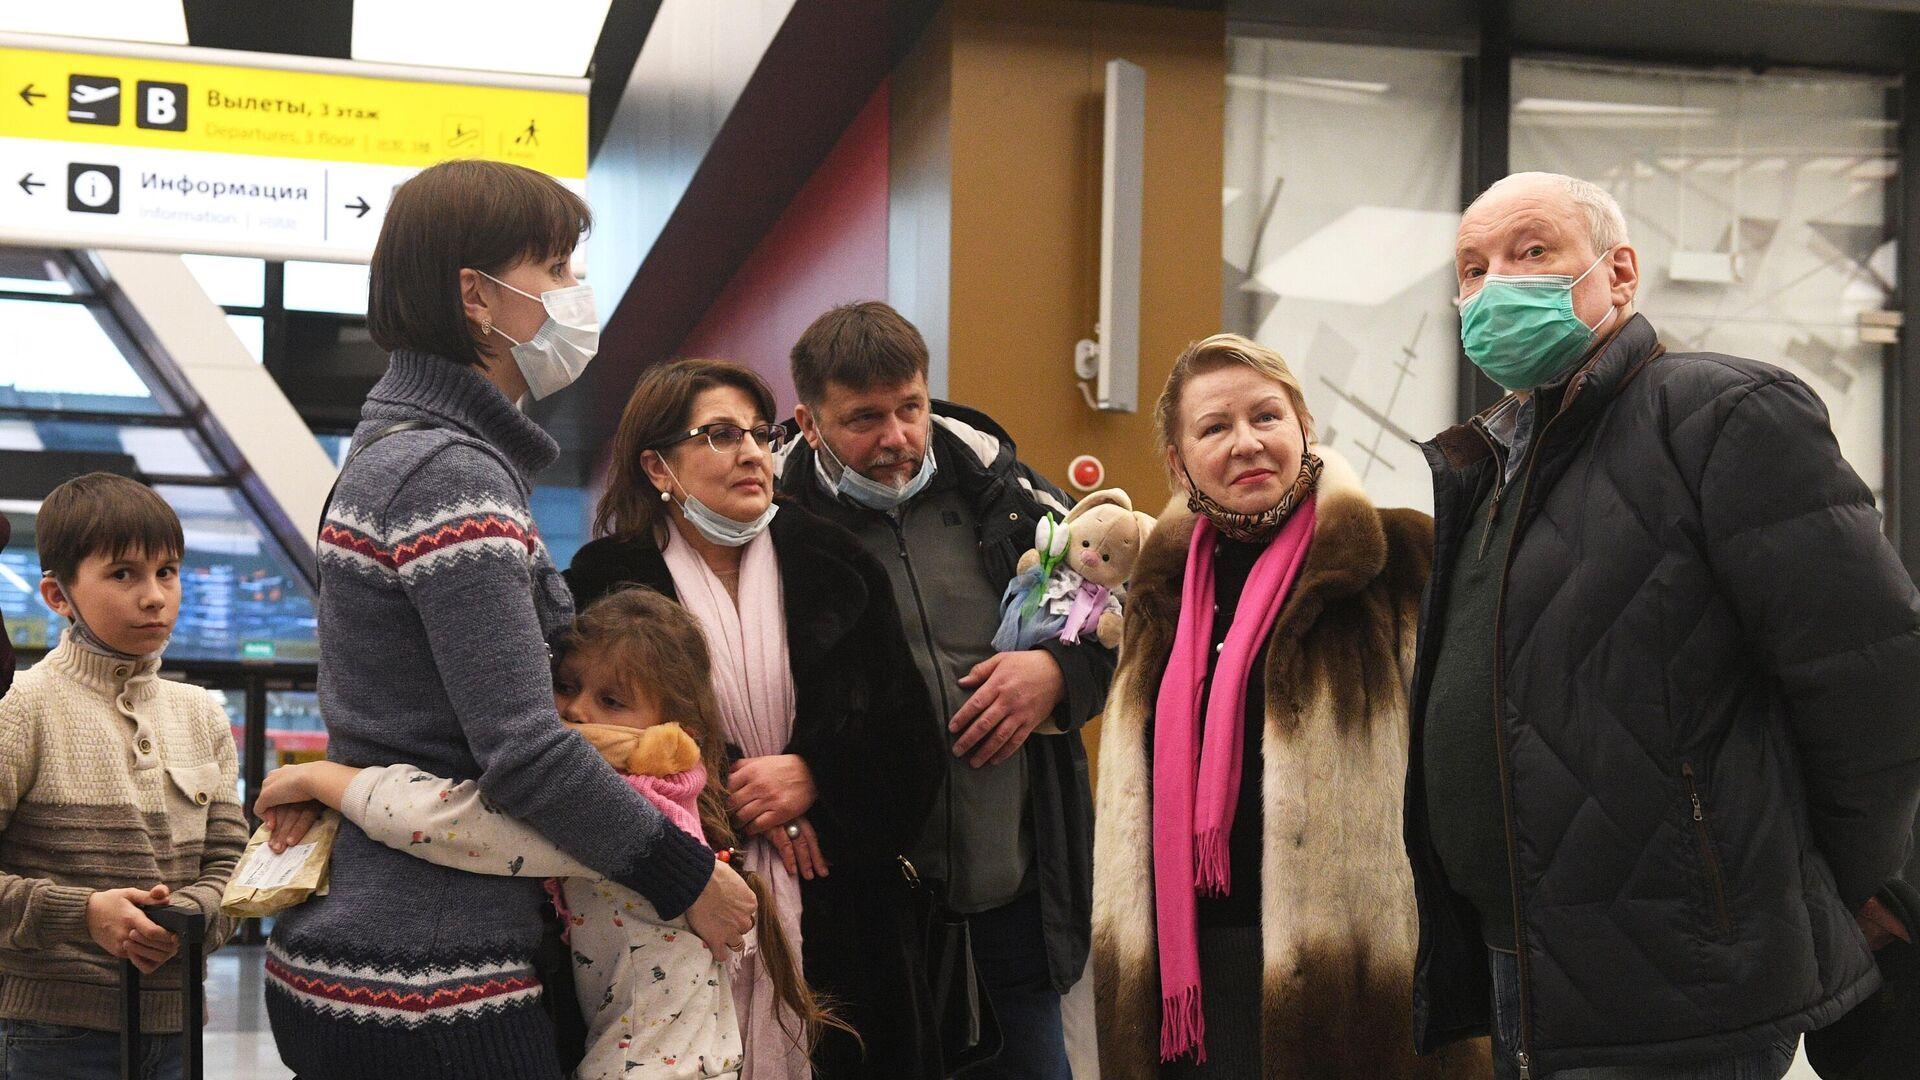 Сотрудники российского посольства в КНДР и члены их семей в аэропорту Шереметьево в Москве - РИА Новости, 1920, 26.02.2021